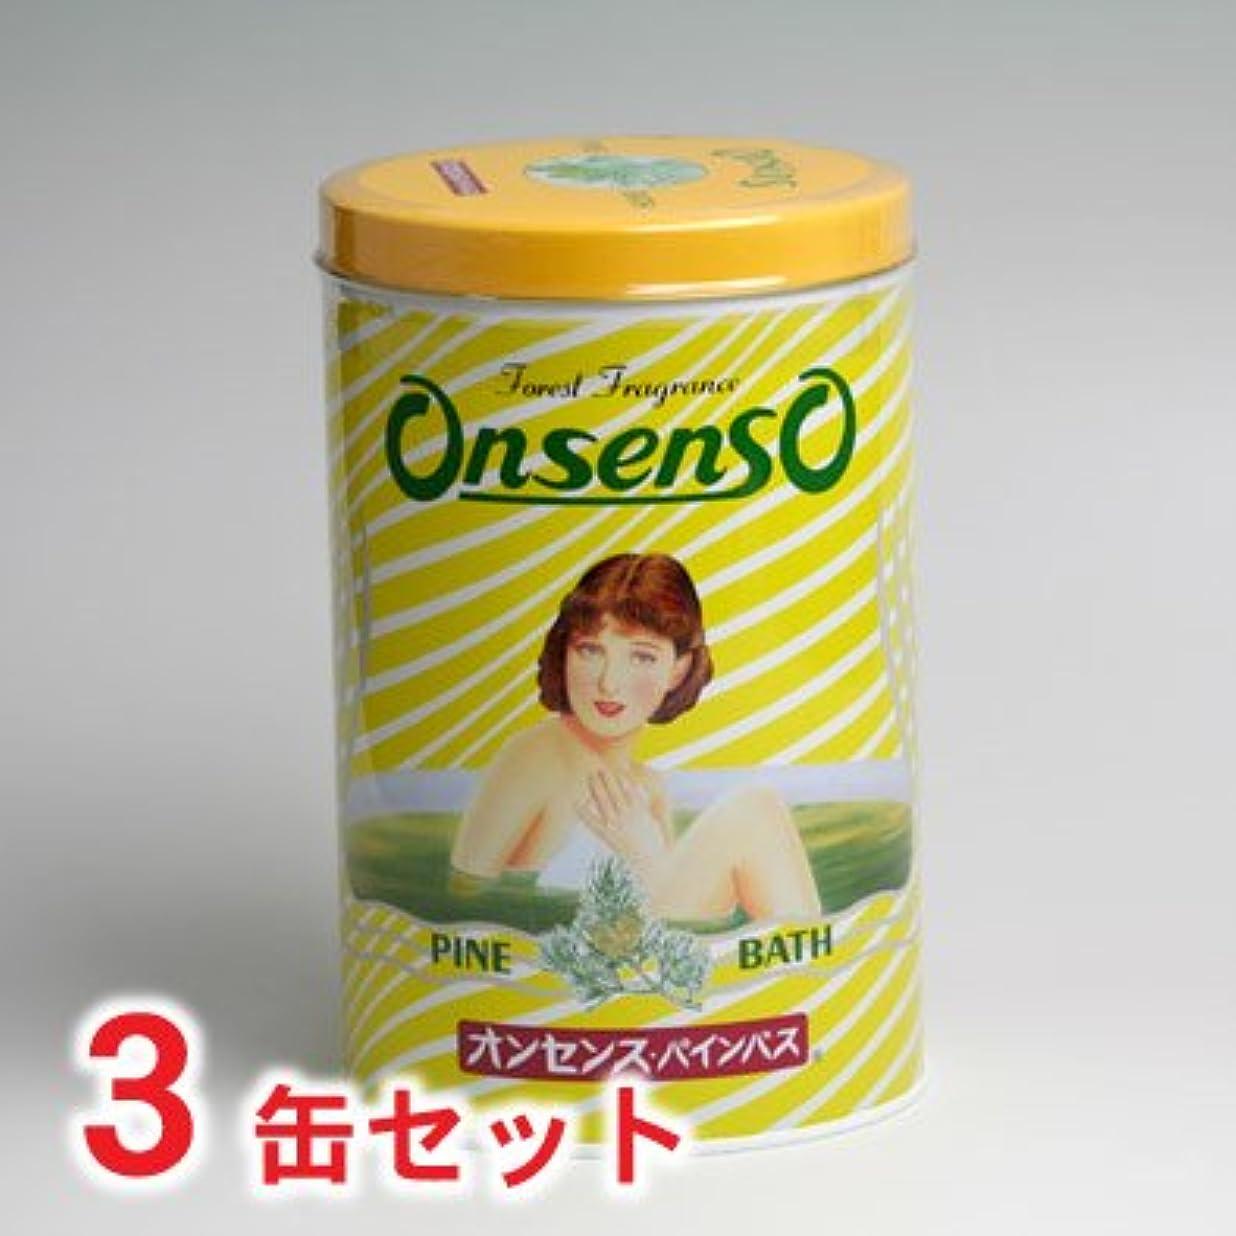 ロデオ肉のクロールオンセンス パインバス 【3缶セット】